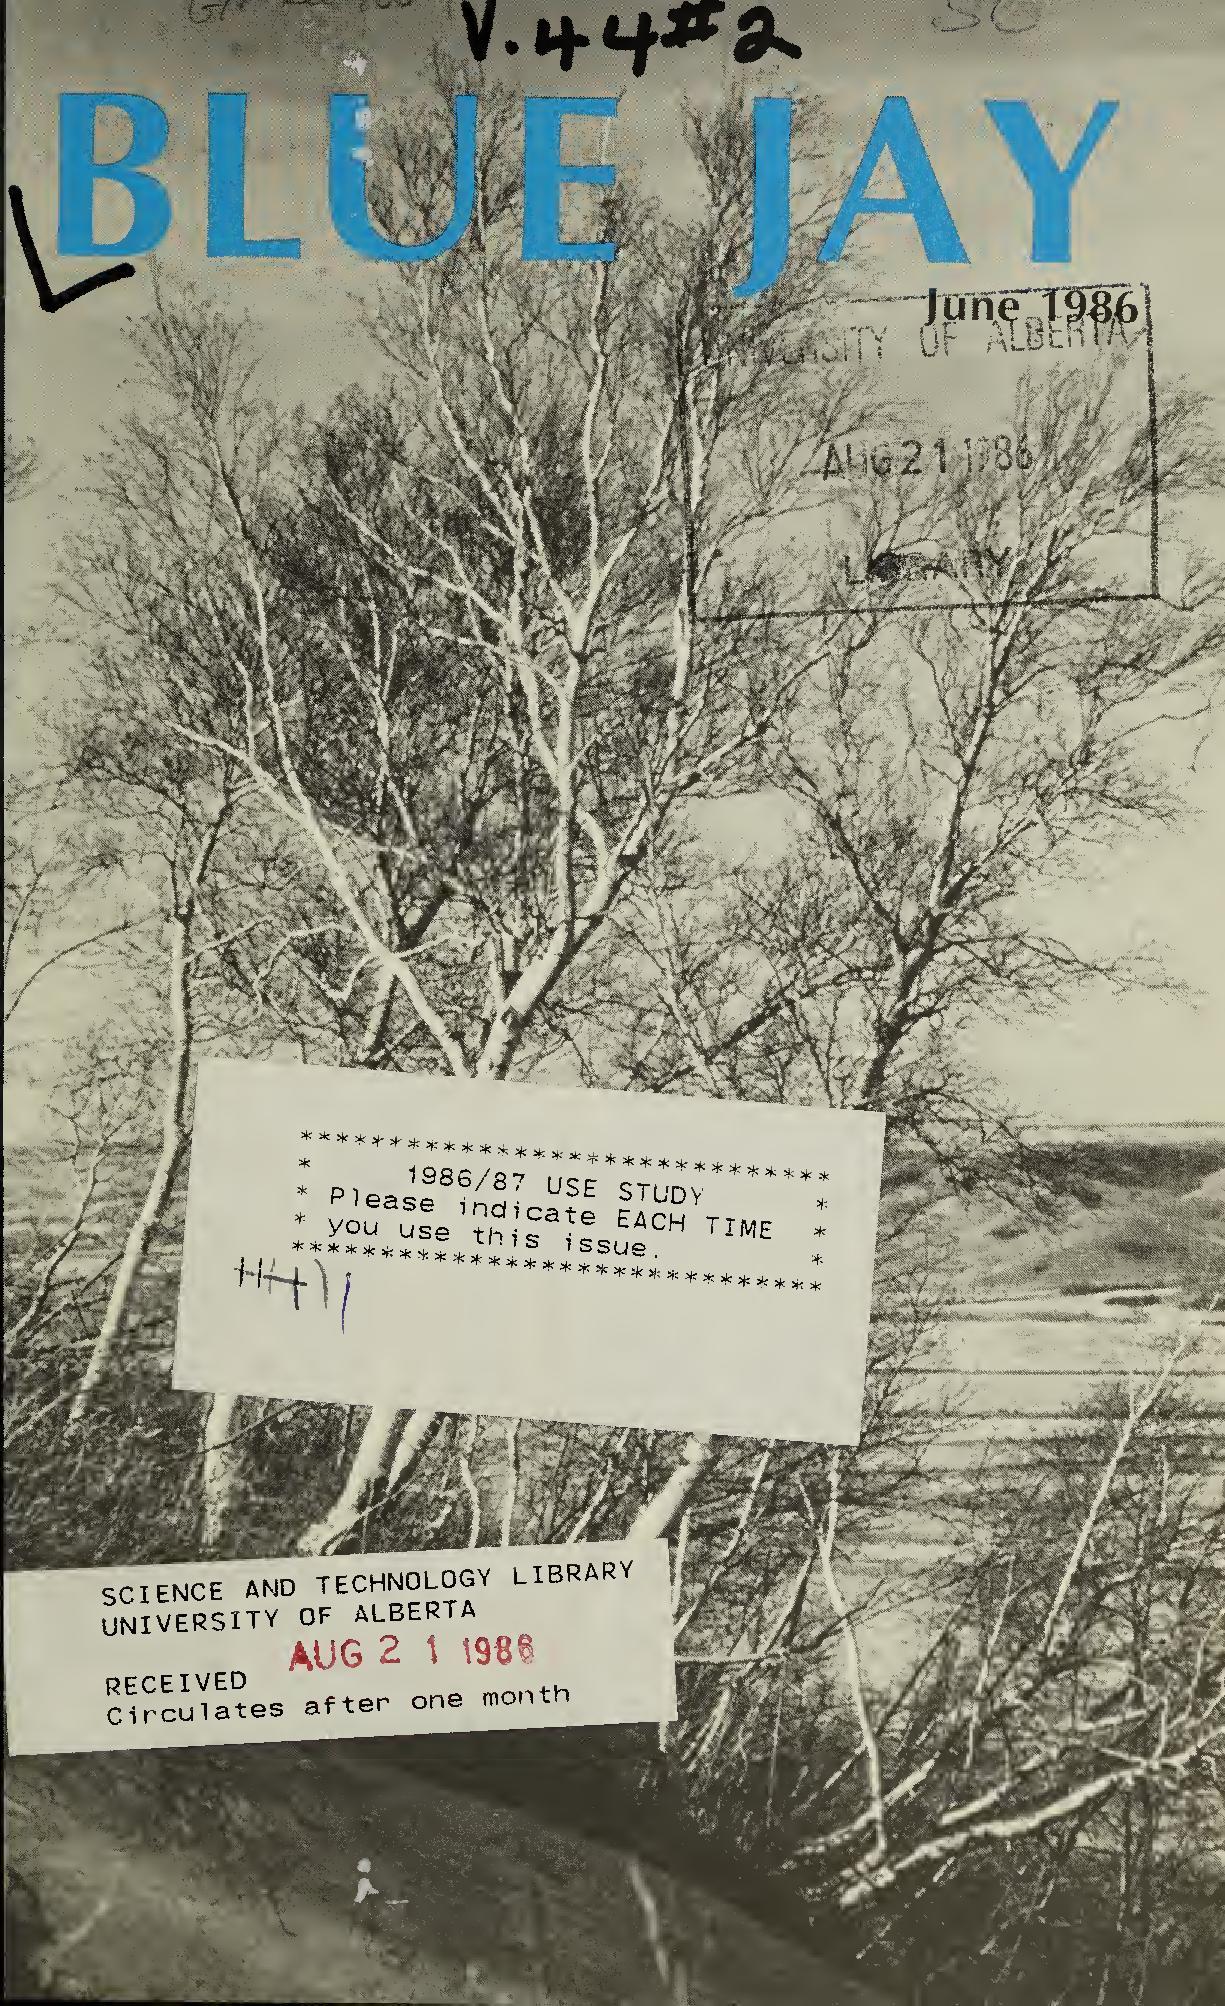 View Vol. 44 No. 2 (1986): June 1986